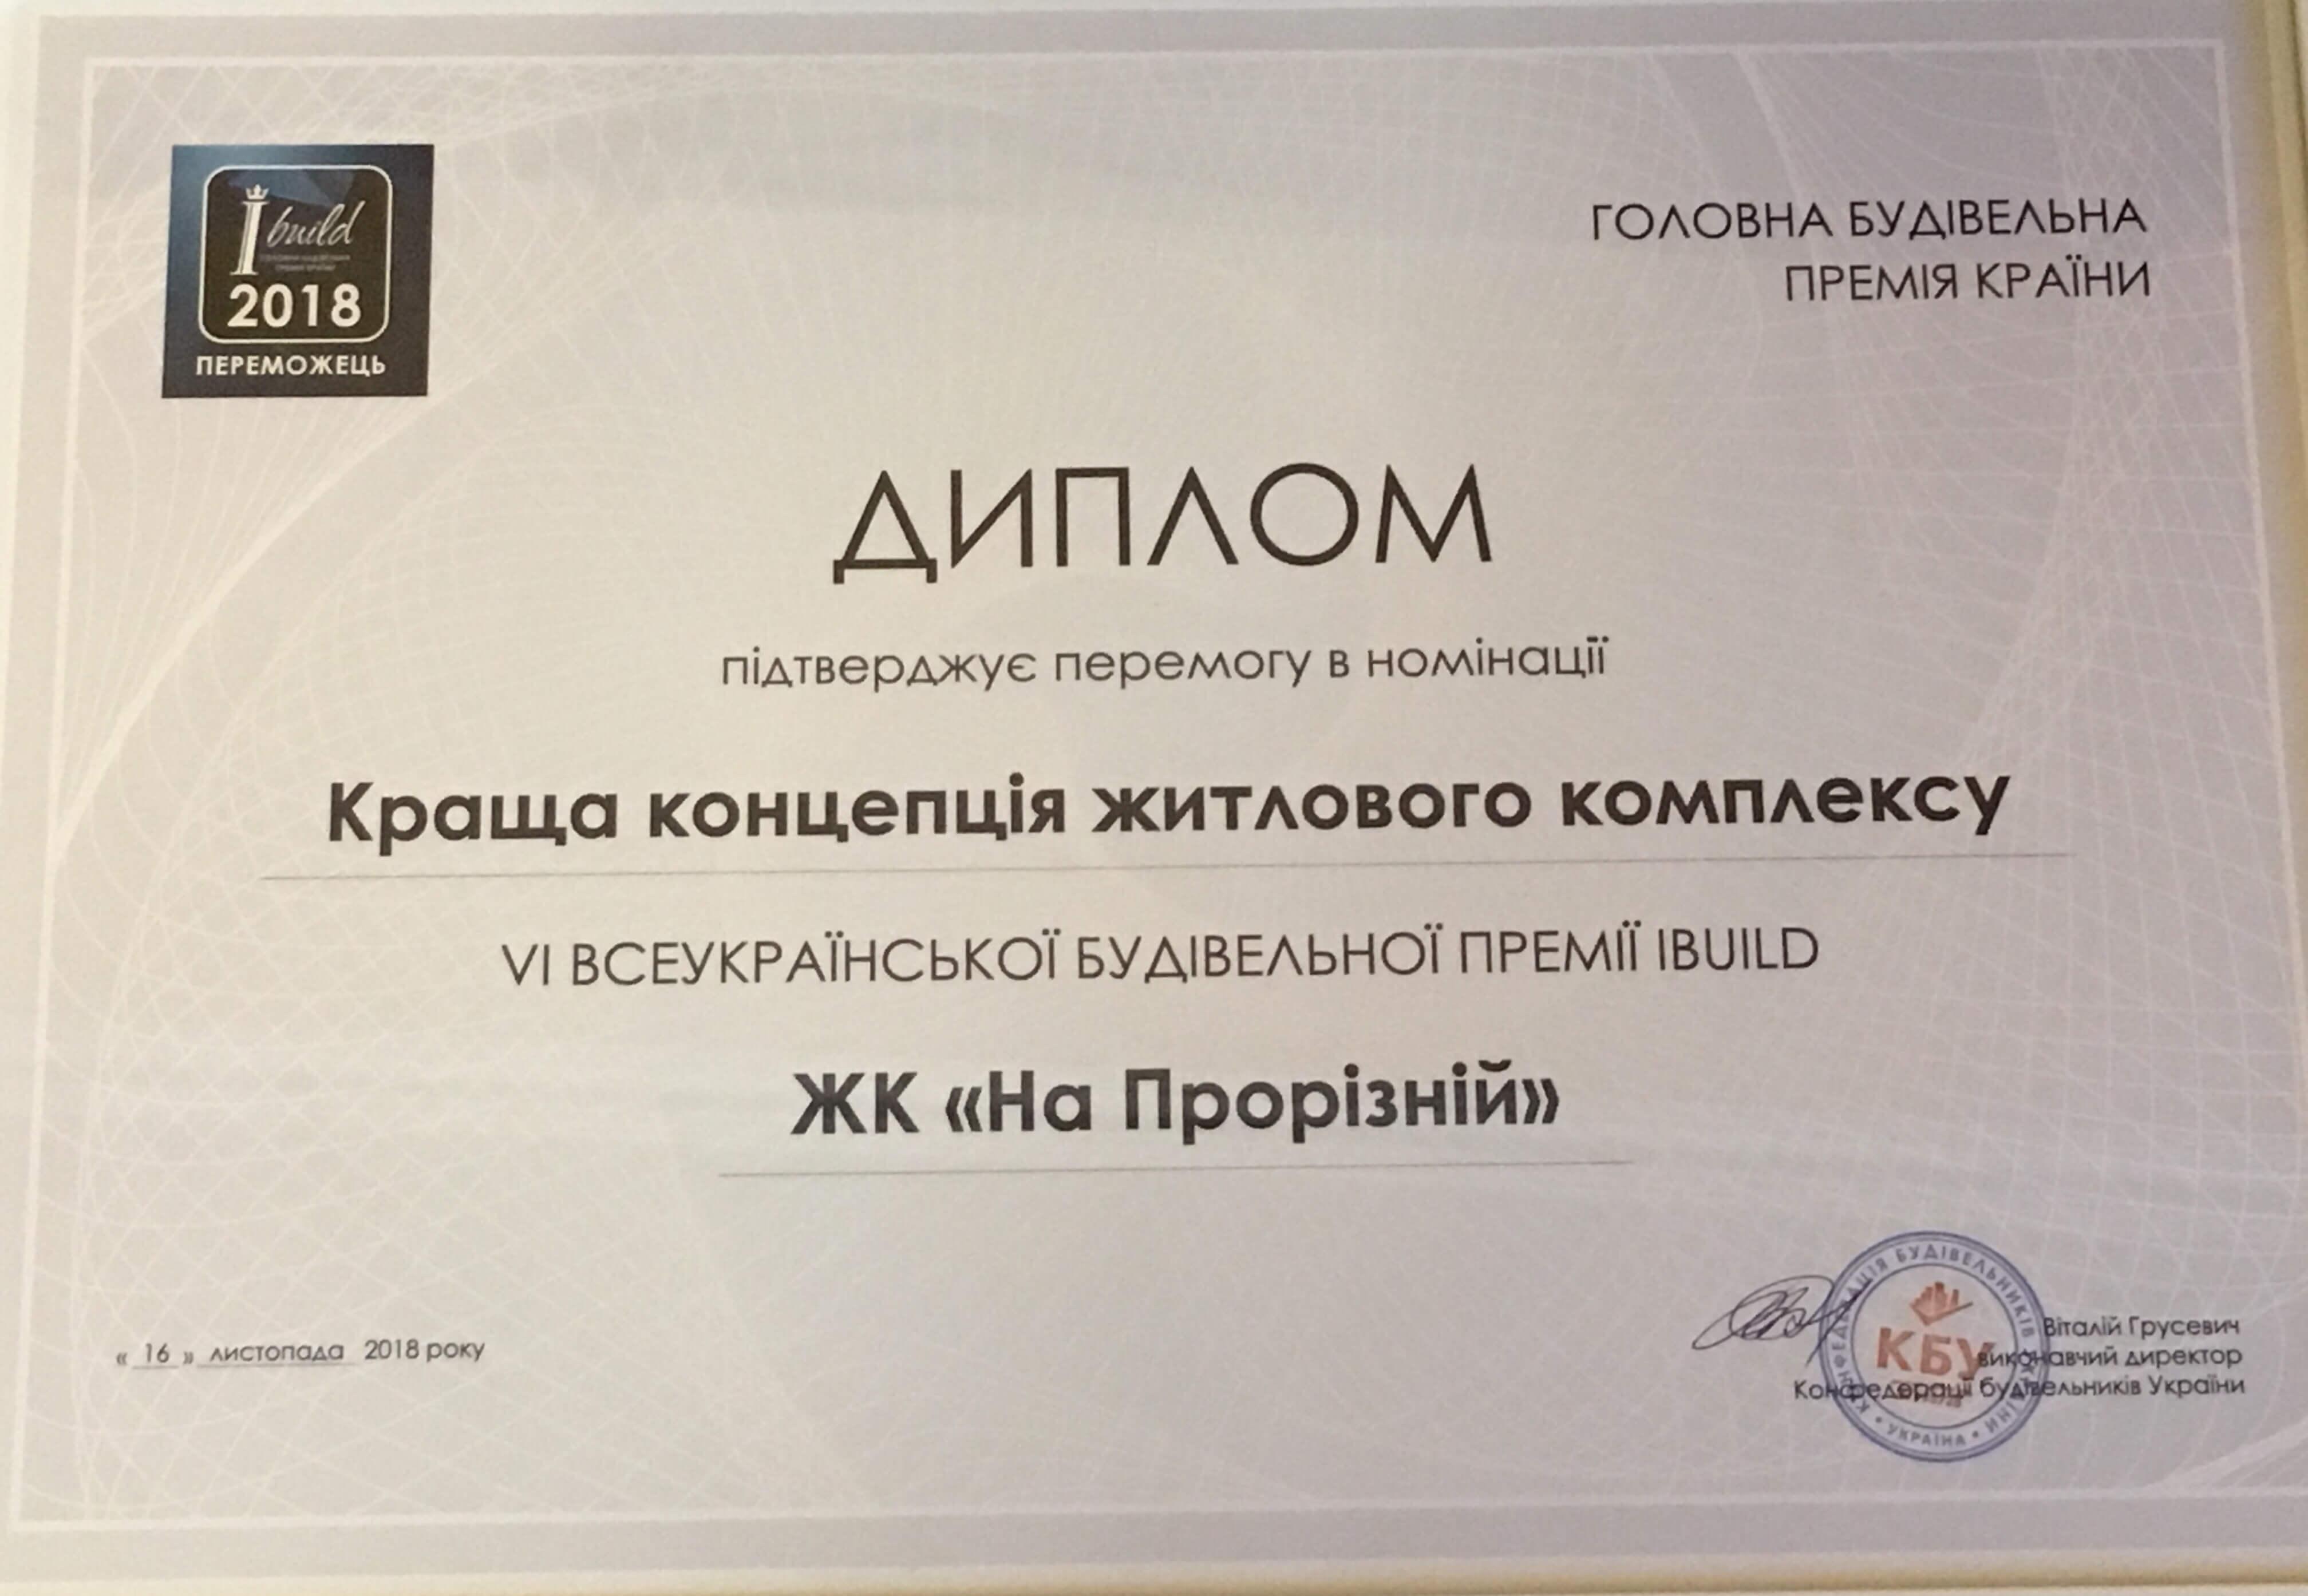 Житловий комплекс «На Прорізній» став переможцем VI Всеукраїнської Будівельної премії Ibuild